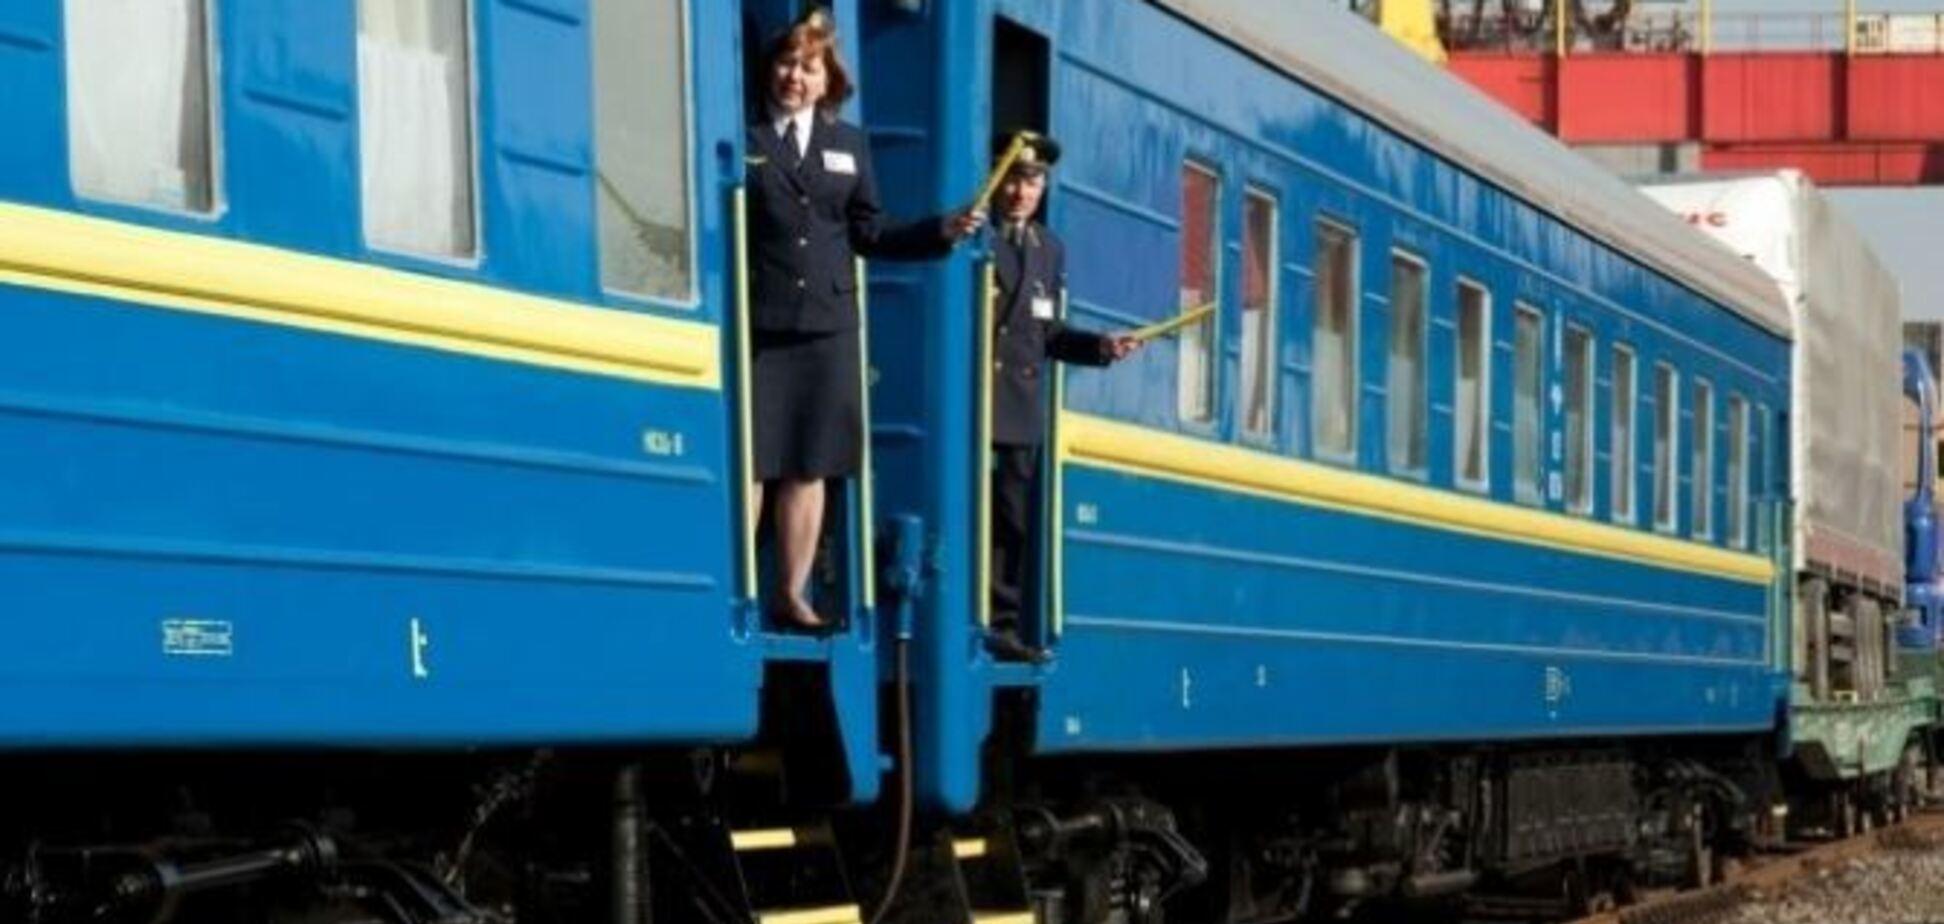 ''Минет от проводника'': пассажир рассказал интимные подробности скандала с ''Укрзалізницею''